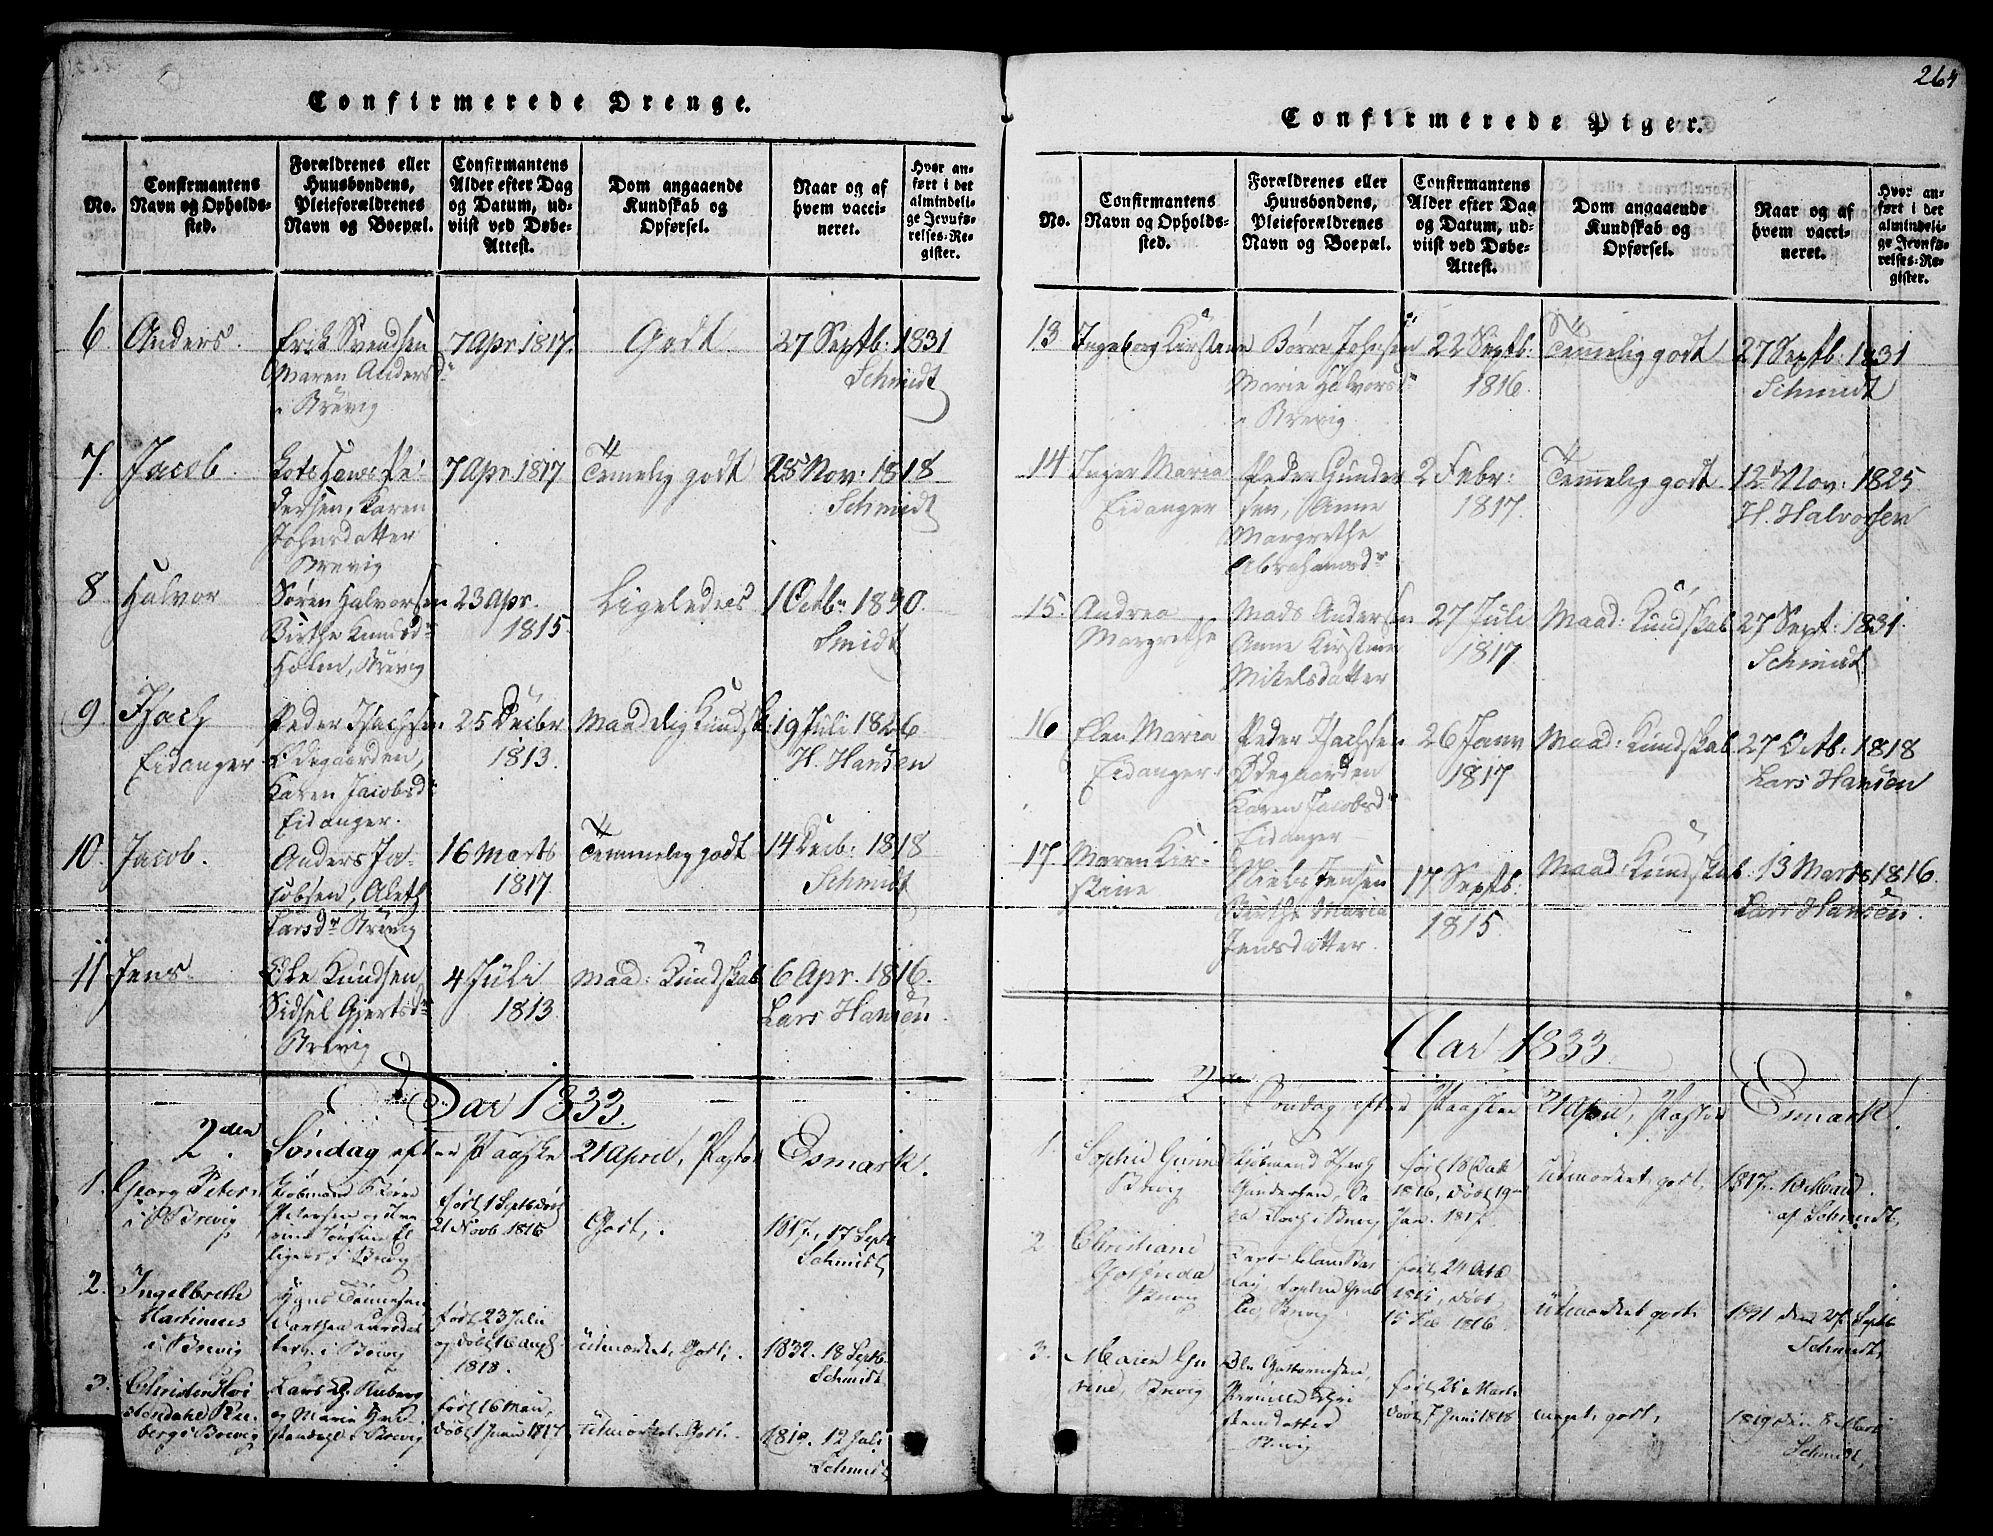 SAKO, Brevik kirkebøker, F/Fa/L0004: Ministerialbok nr. 4, 1814-1846, s. 264